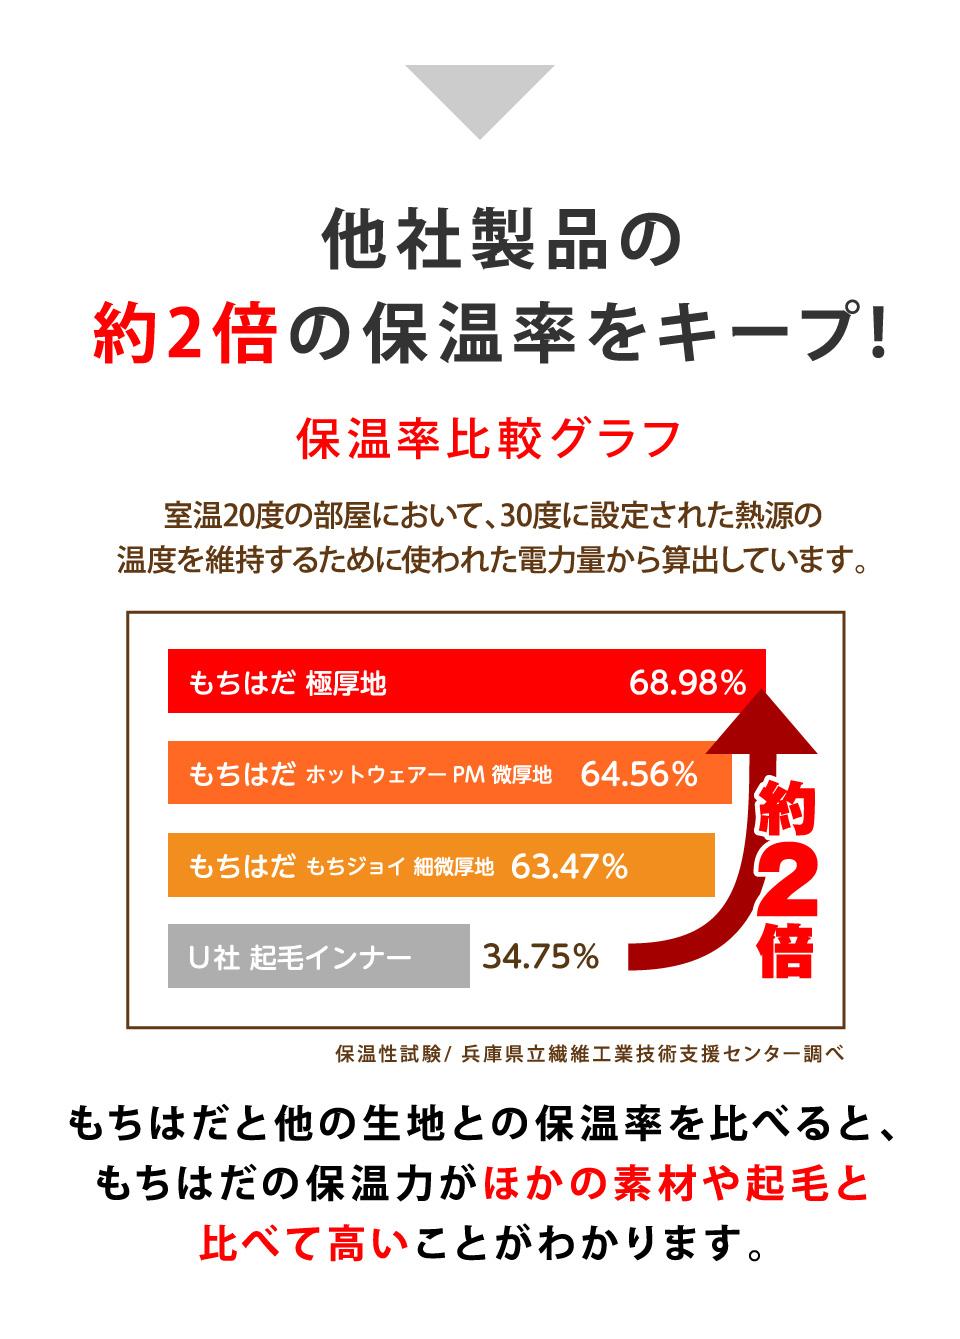 他社製品の約2倍の保温率をキープ! もちはだと他の生地を比べると、もちはだの保温力が他の素材(保温率34.75%)に比べて高い(保温率68.98%)ことがわかります。